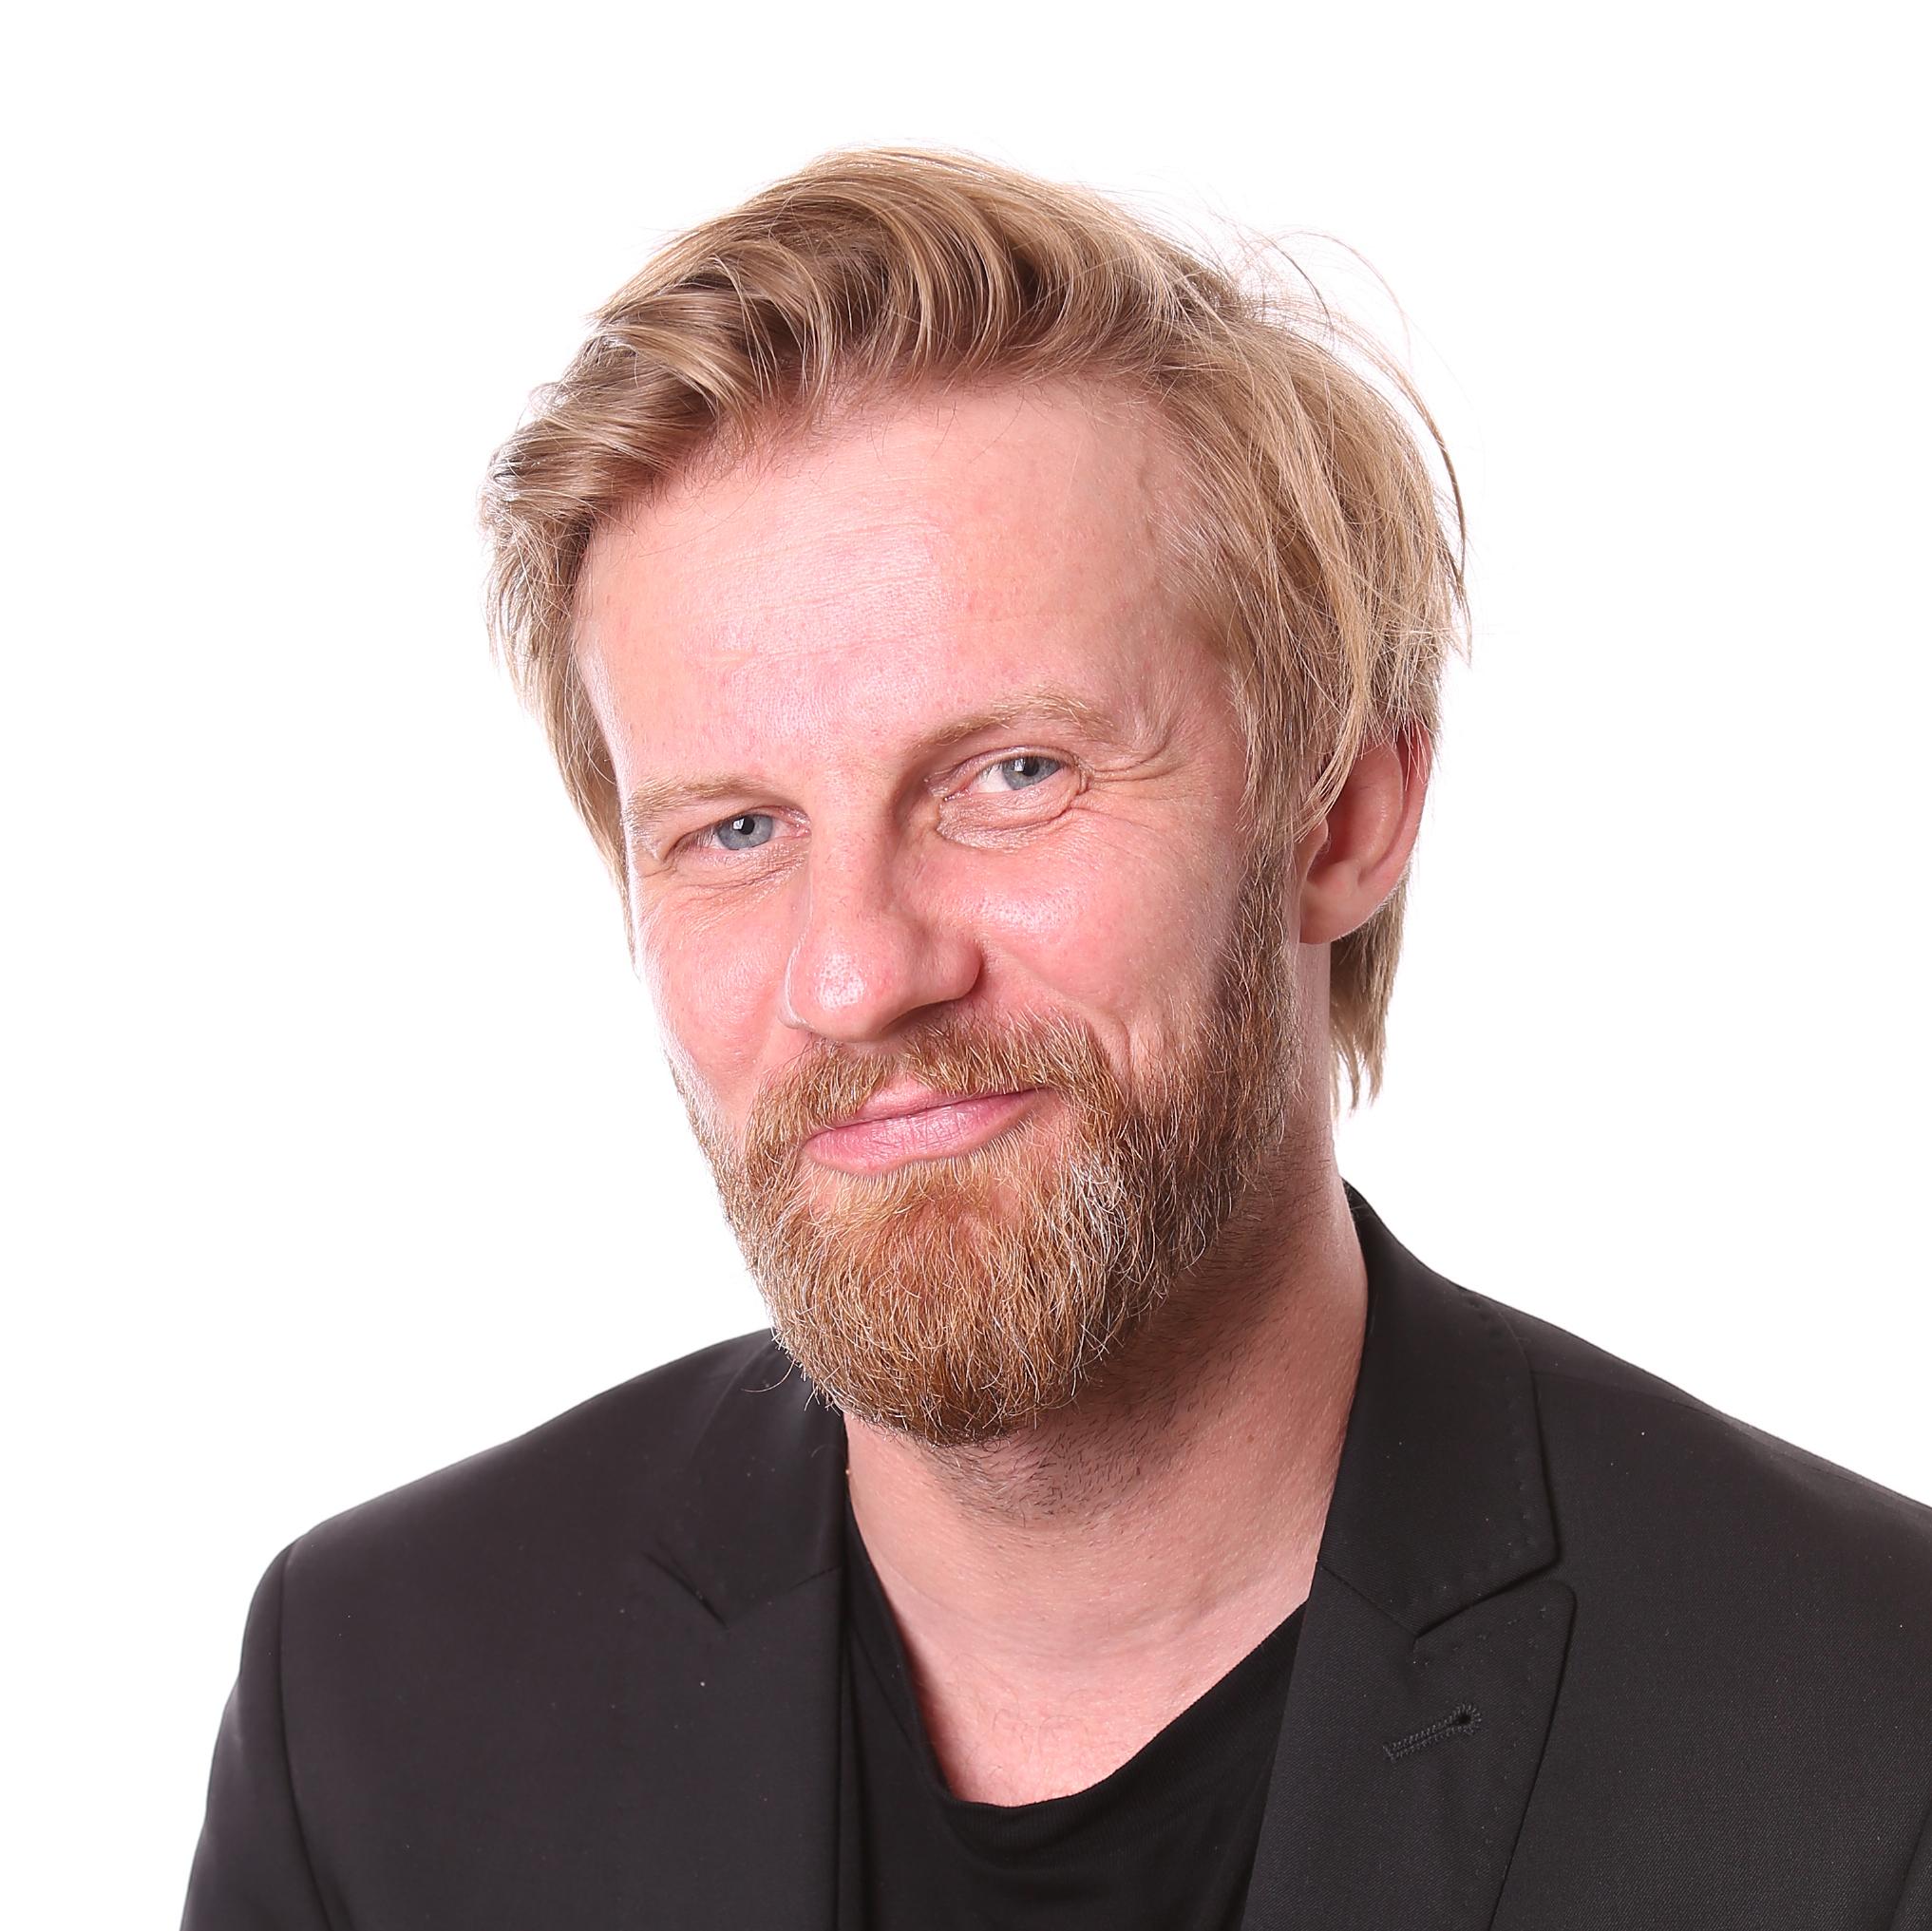 Łukasz Kwaśniewski